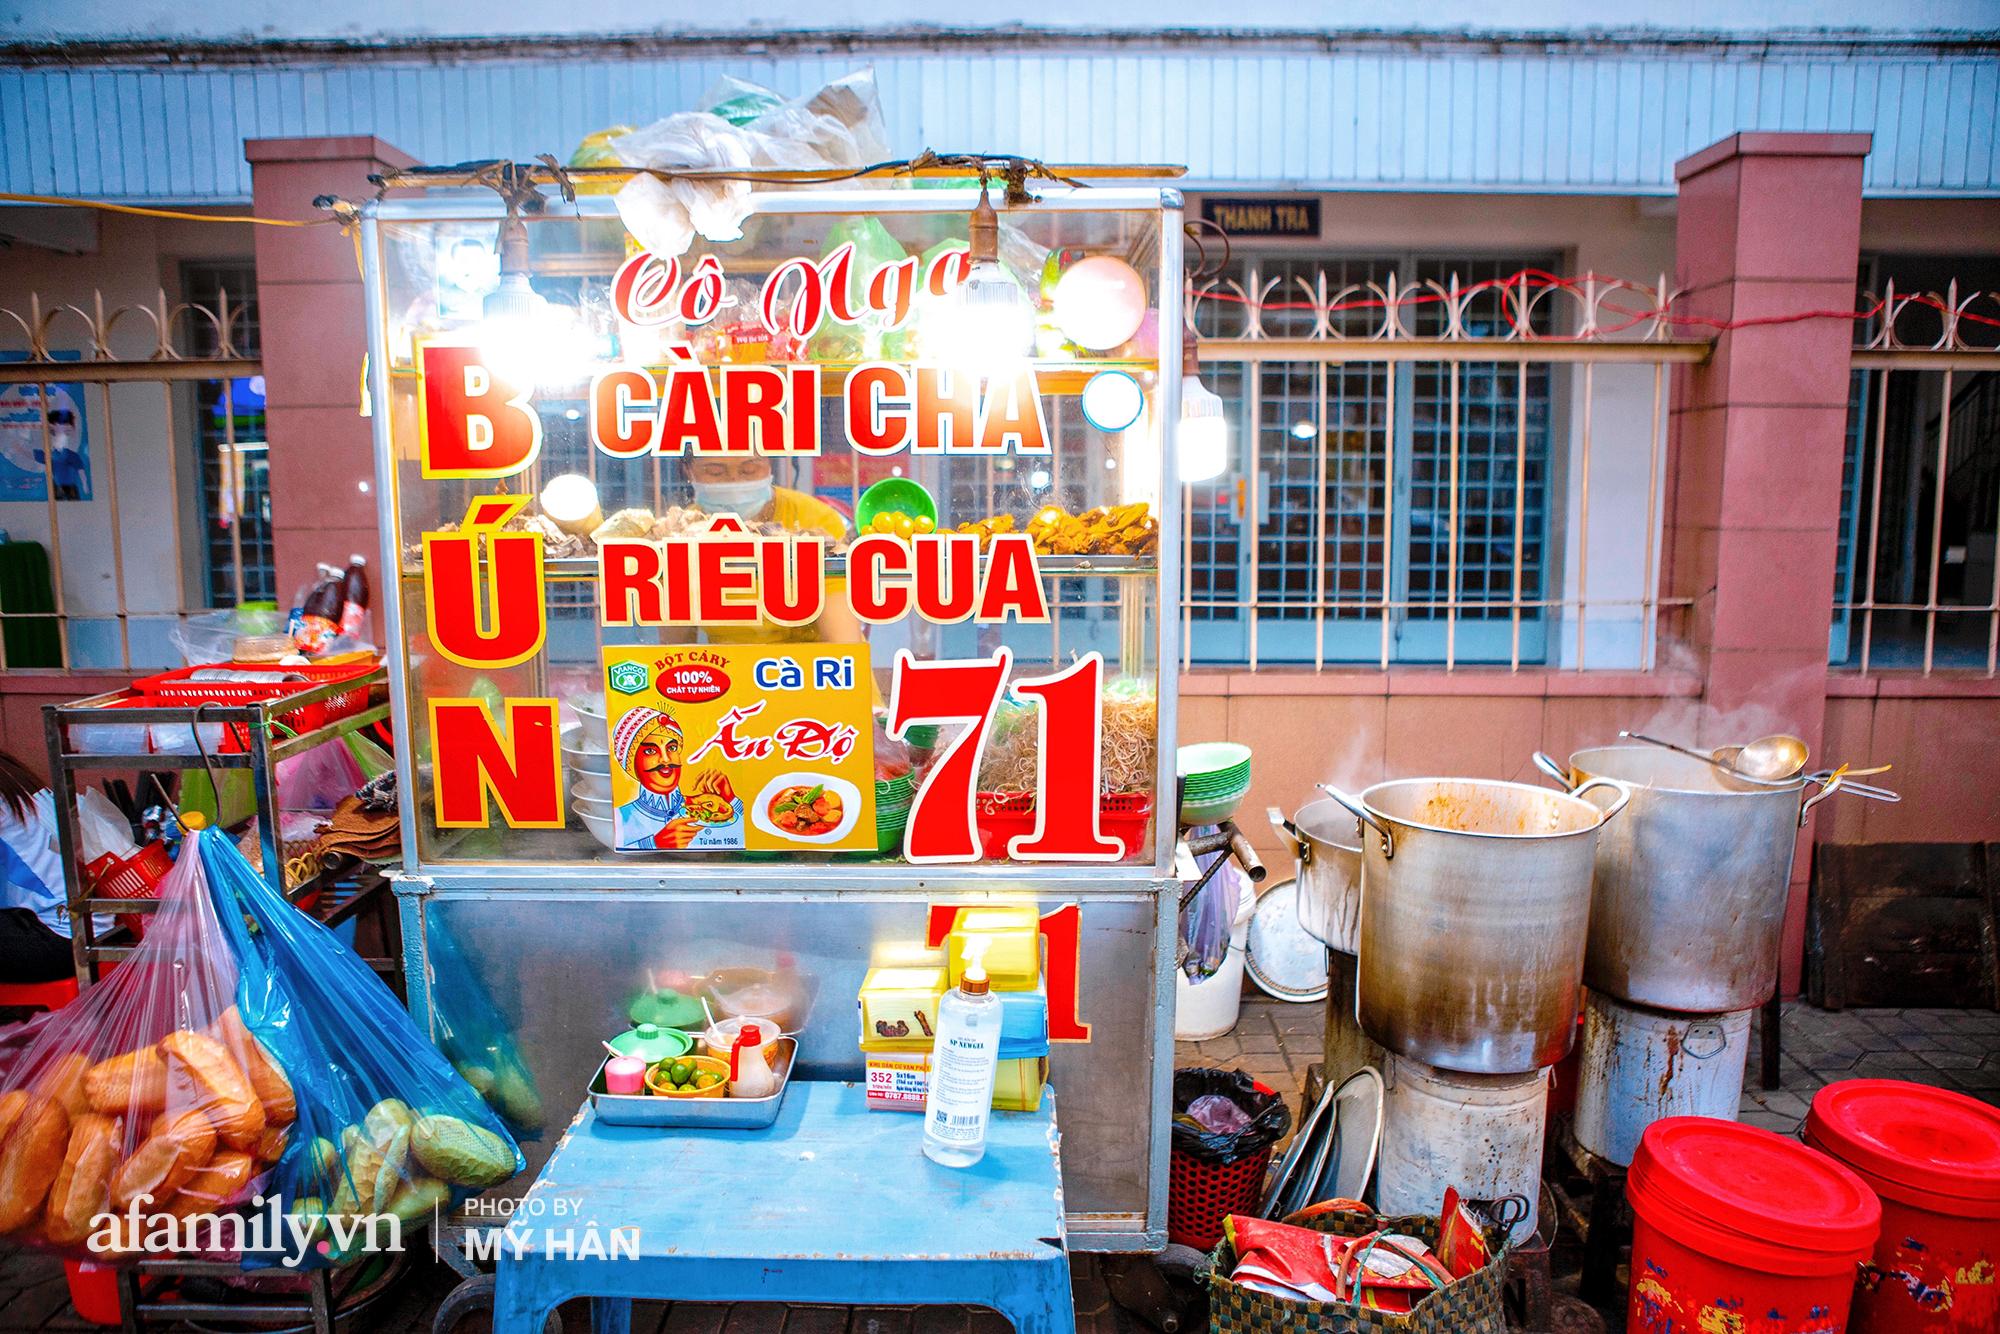 Nếu Ấn Độ là nước ăn cà ri nhiều nhất thế giới thì có một nơi ở miền Tây mà người dân ăn cà ri nhiều nhất Việt Nam, y như cách người Sài Gòn chọn cơm tấm để ăn sáng! - Ảnh 3.